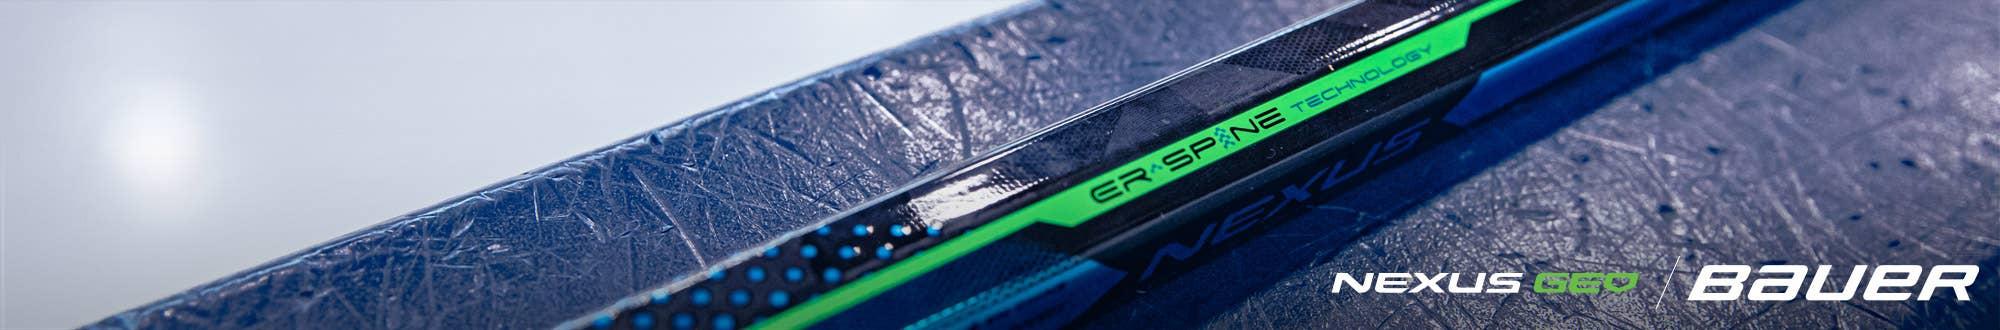 Bauer Nexus Geo Hockey Sticks